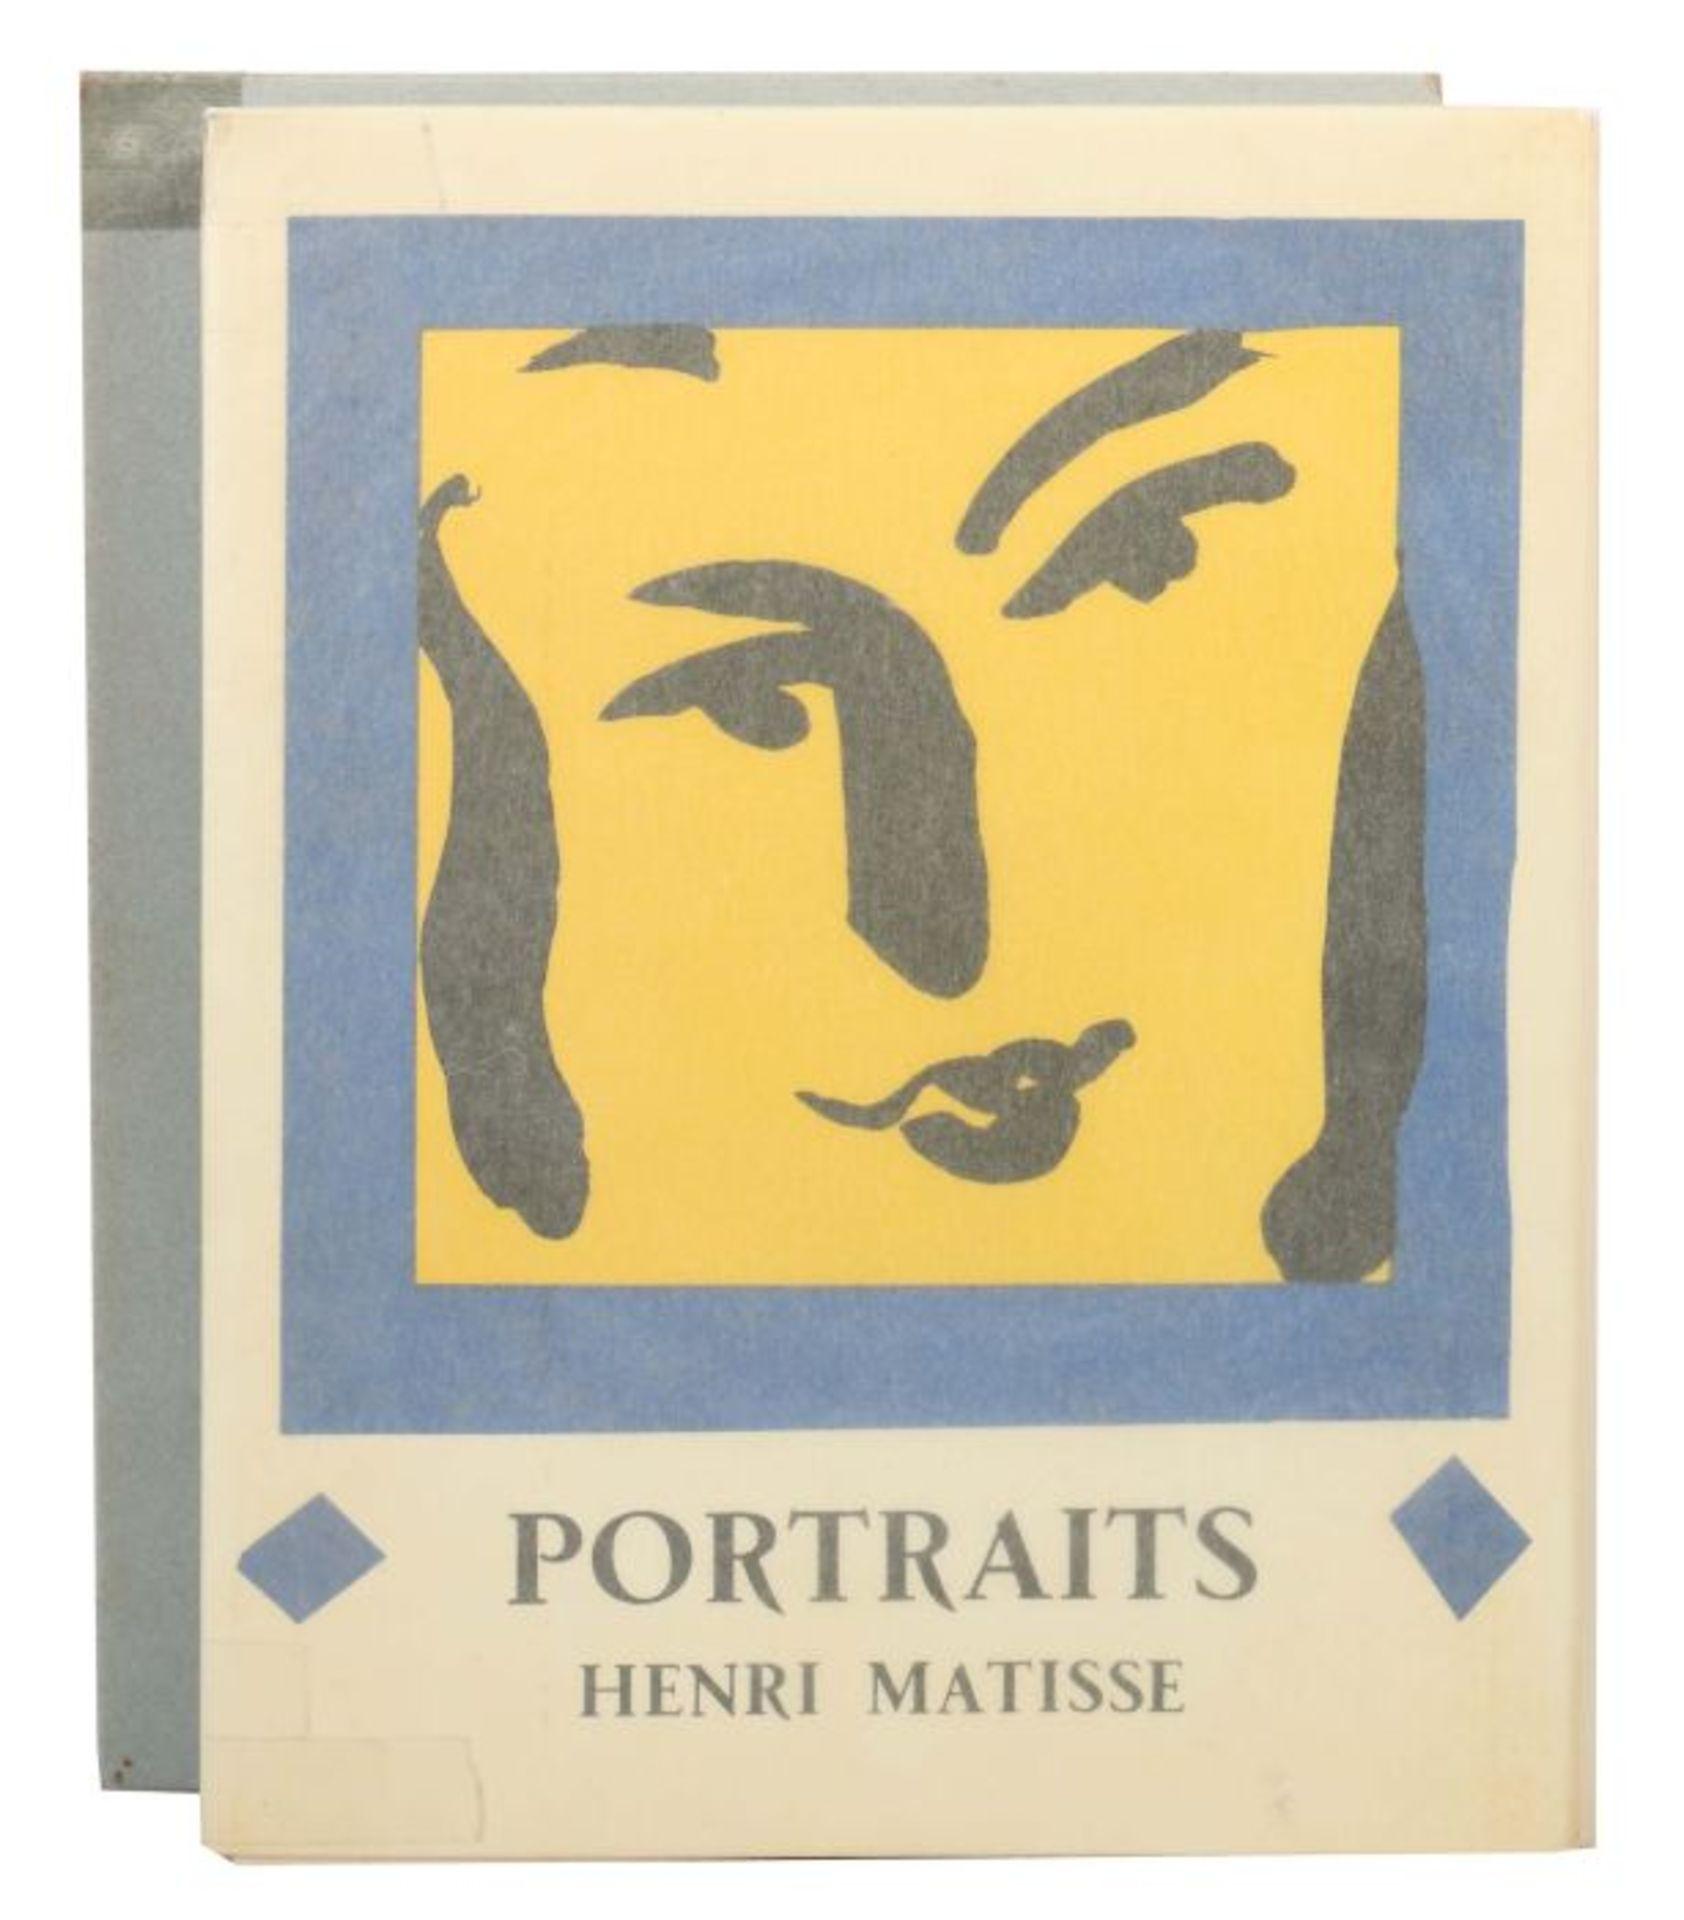 Matisse, Henri Portraits, Monte Carlo, André Sauret, 1954, Exp. 2421 von 2850 num. Exp., mit einer